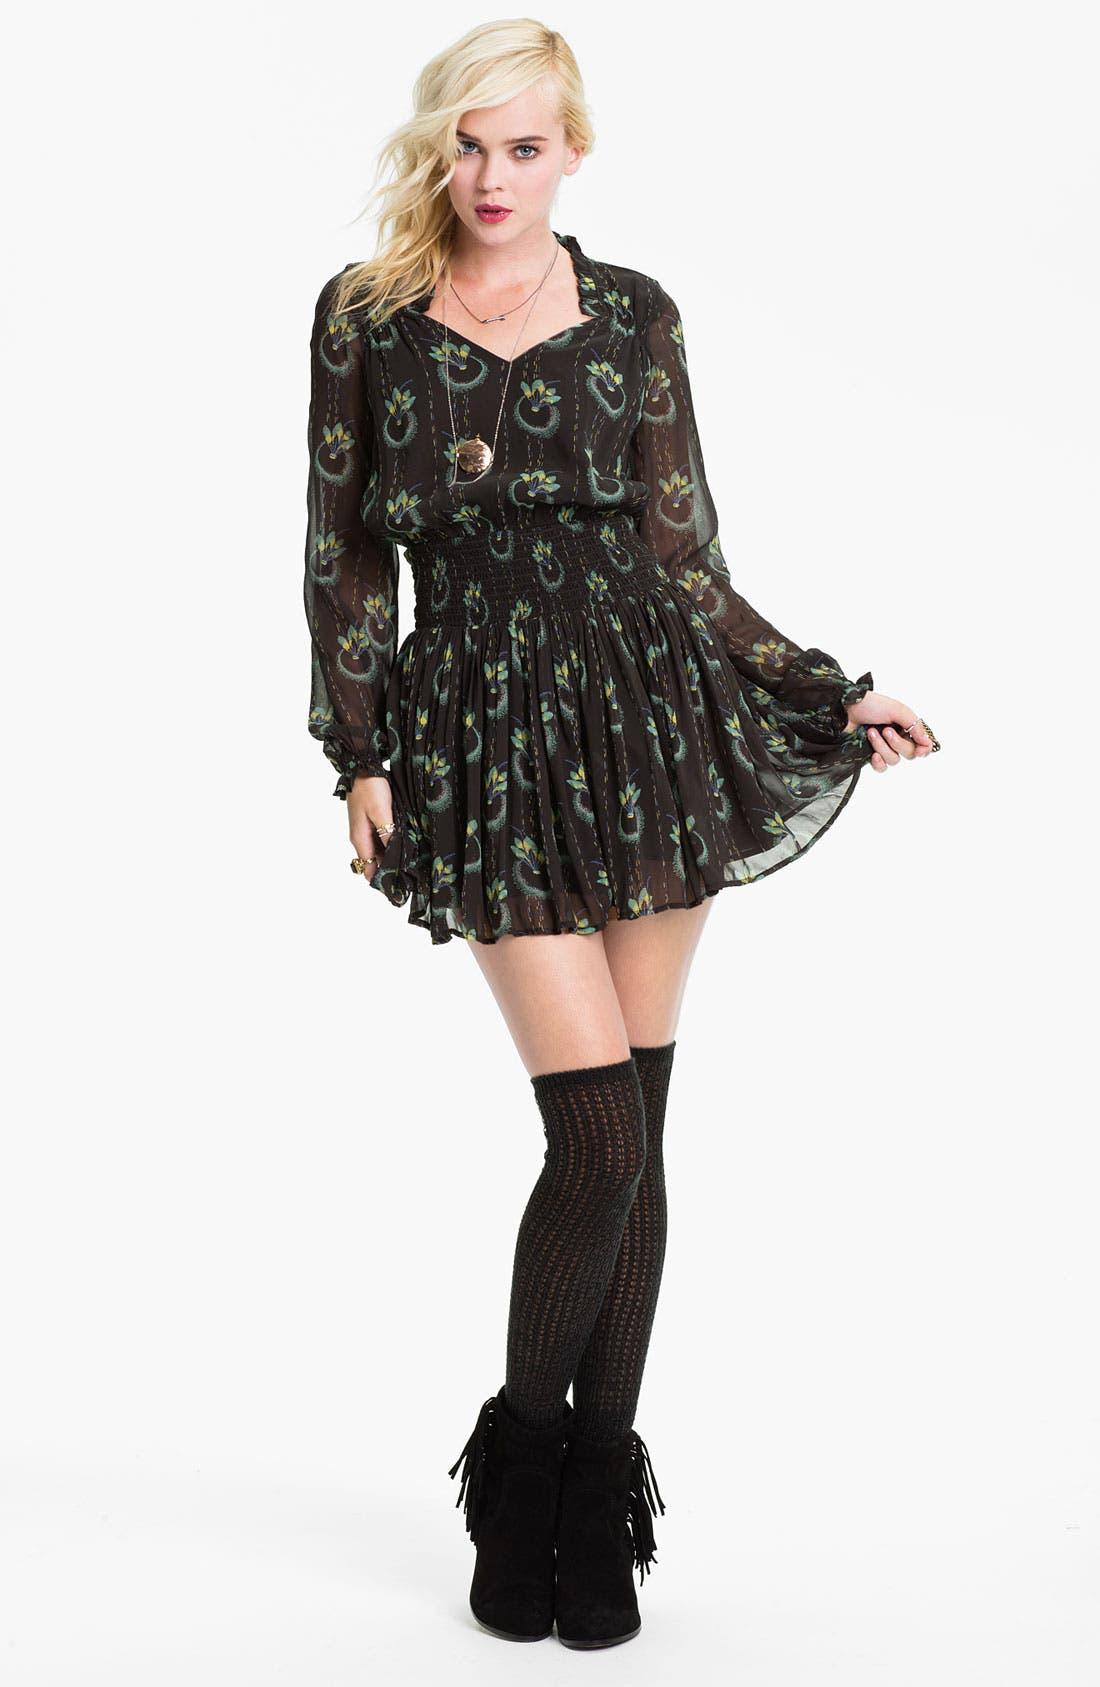 Alternate Image 1 Selected - Free People 'Wildflower' Print Gauze Dress